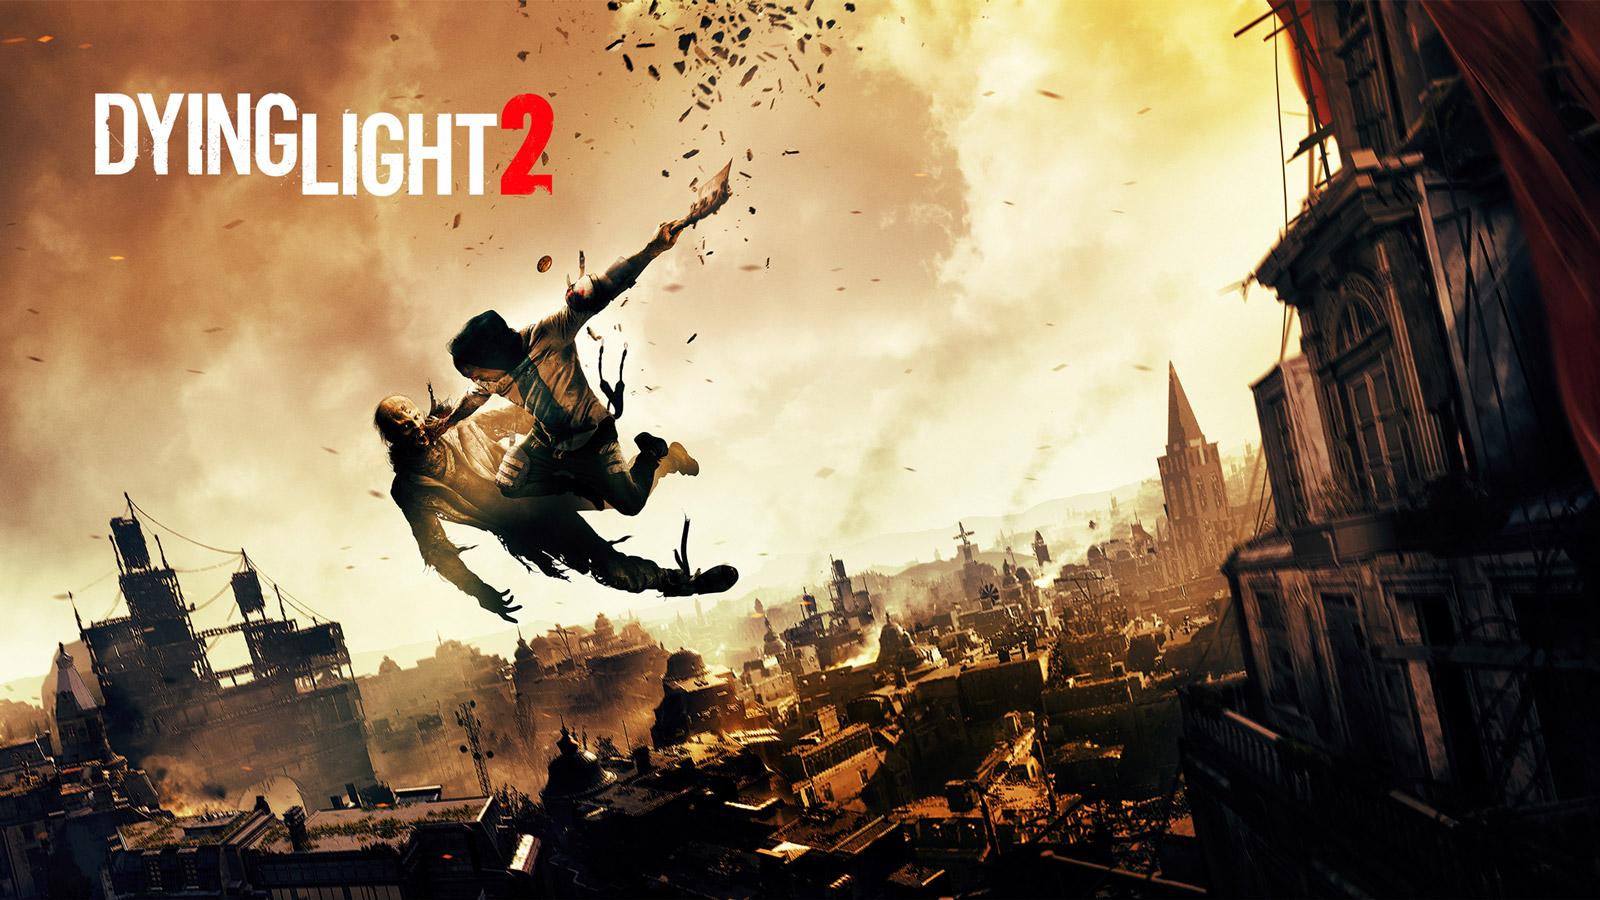 Biên kịch Dying Light 2 rời đi khiến Techland chao đảo